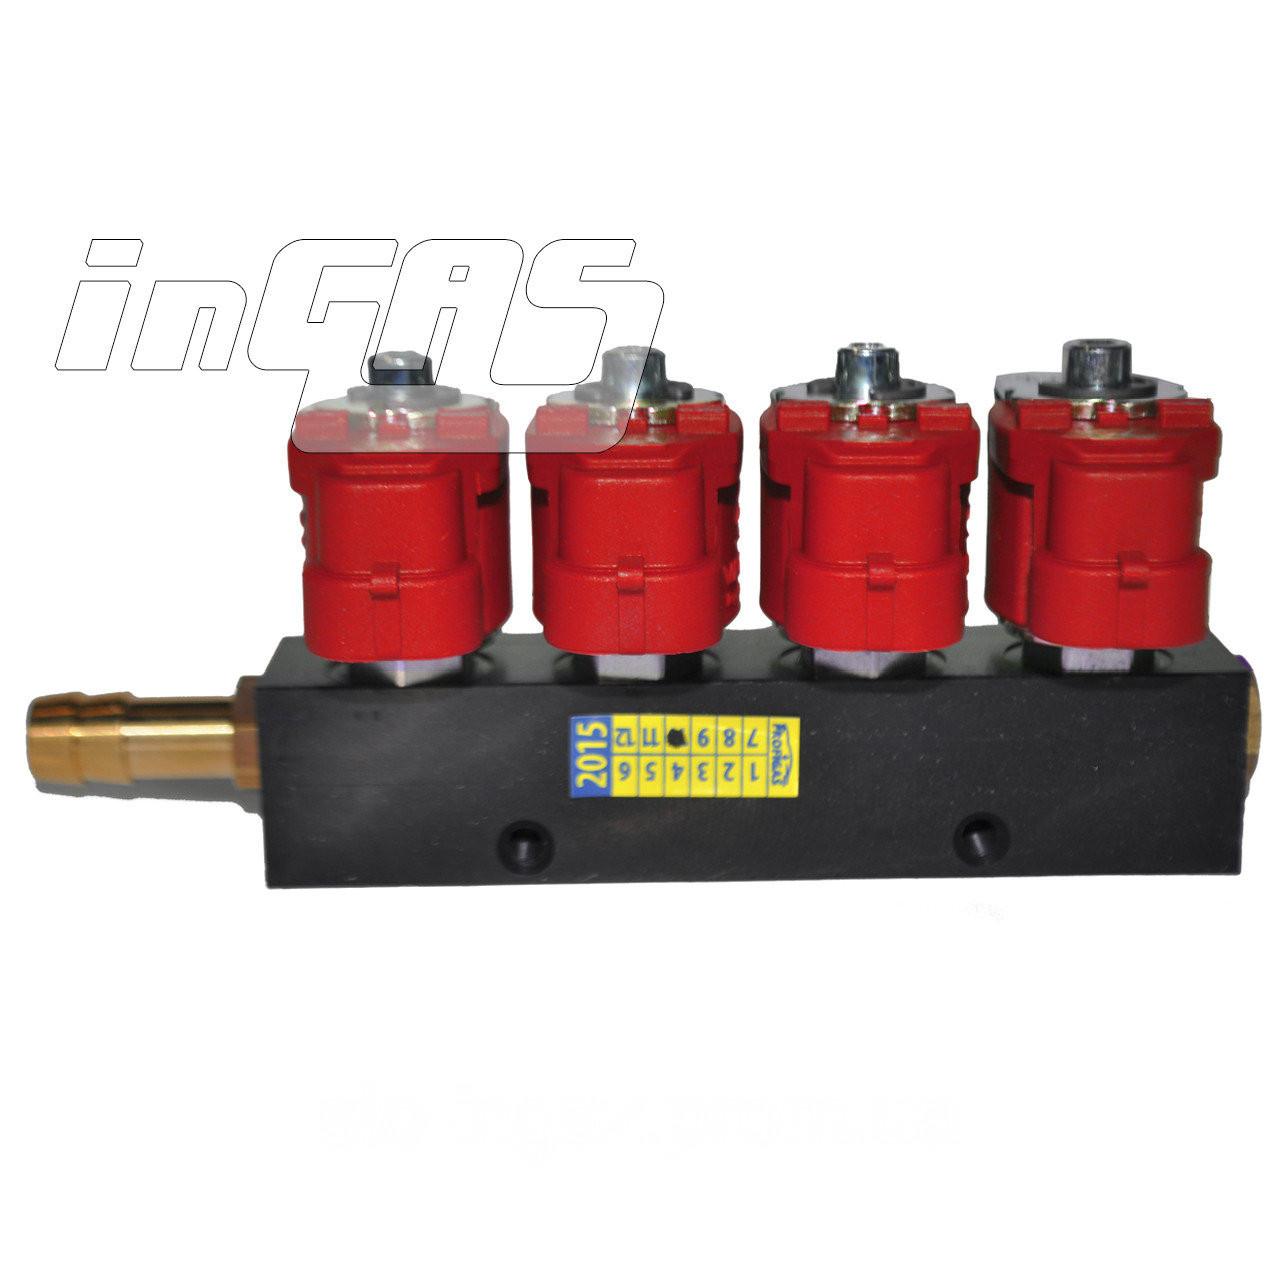 Форсунки Digitronic/Valtek/Greengas тип 30, 4 цил. 3 Oм, без жиклеров, со штуцерами в коллектор